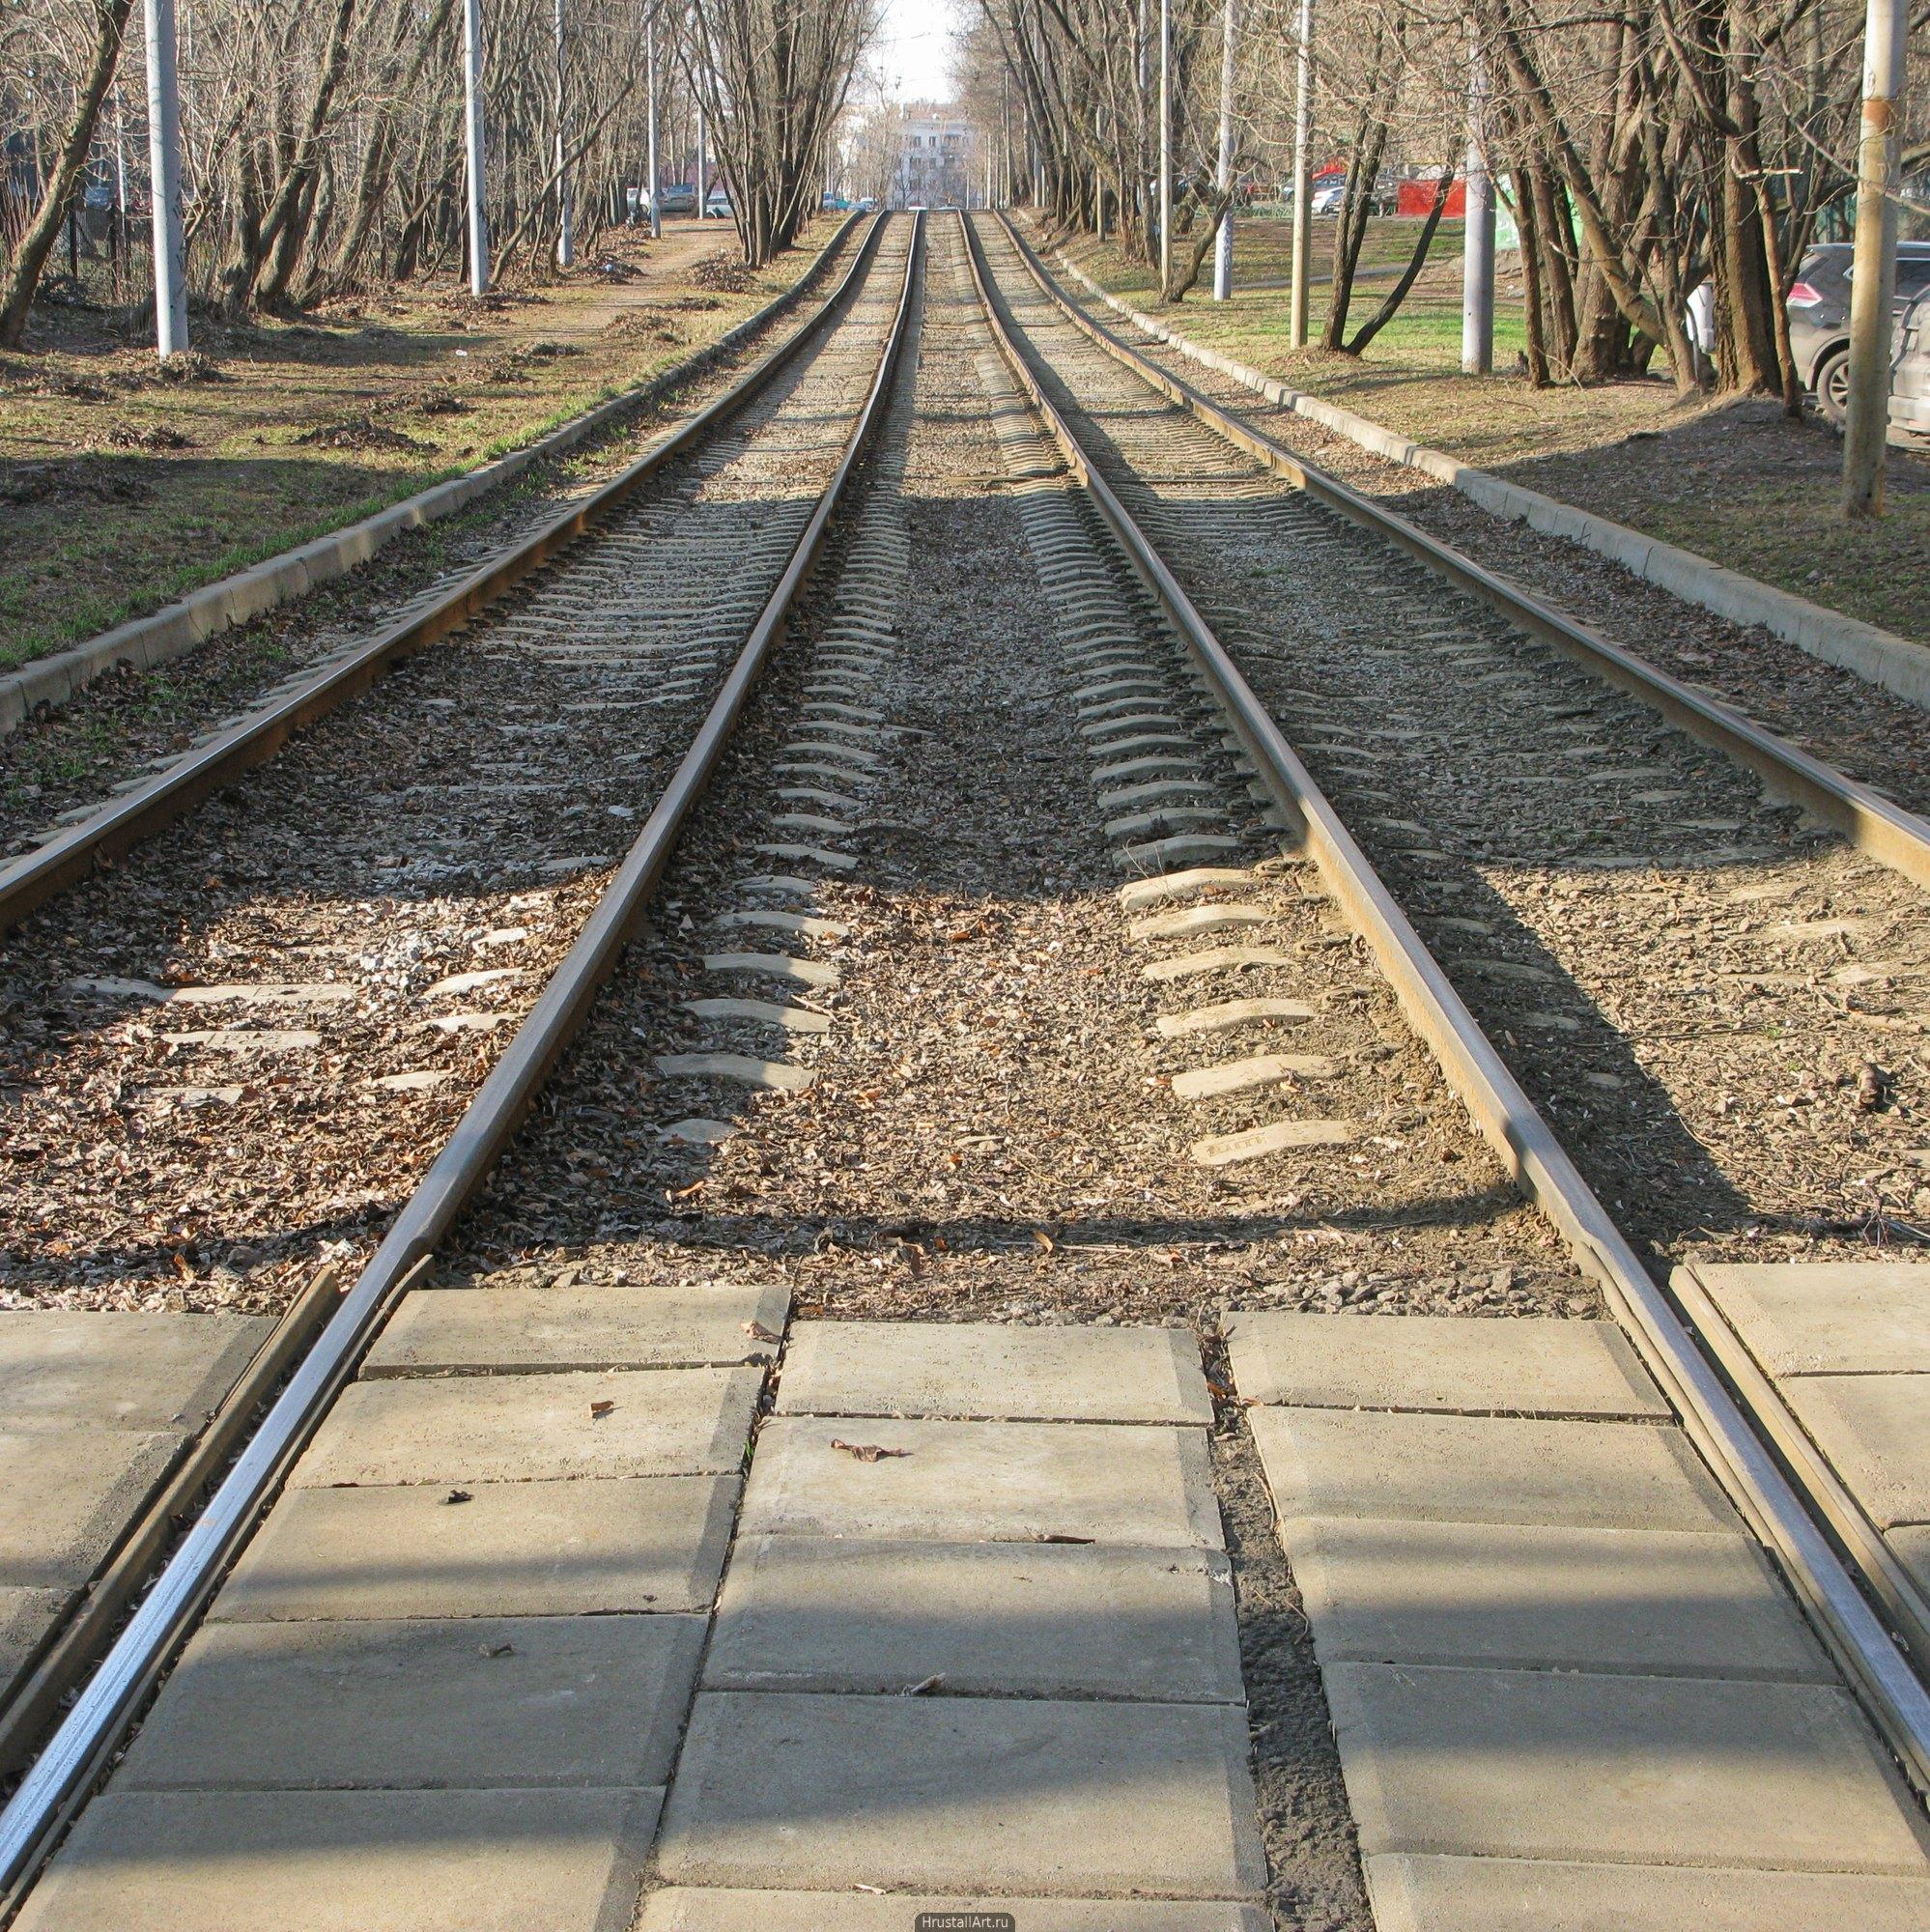 Трамвайные пути. Симметричный кадр, трамвайные пути в центральной перспективе.